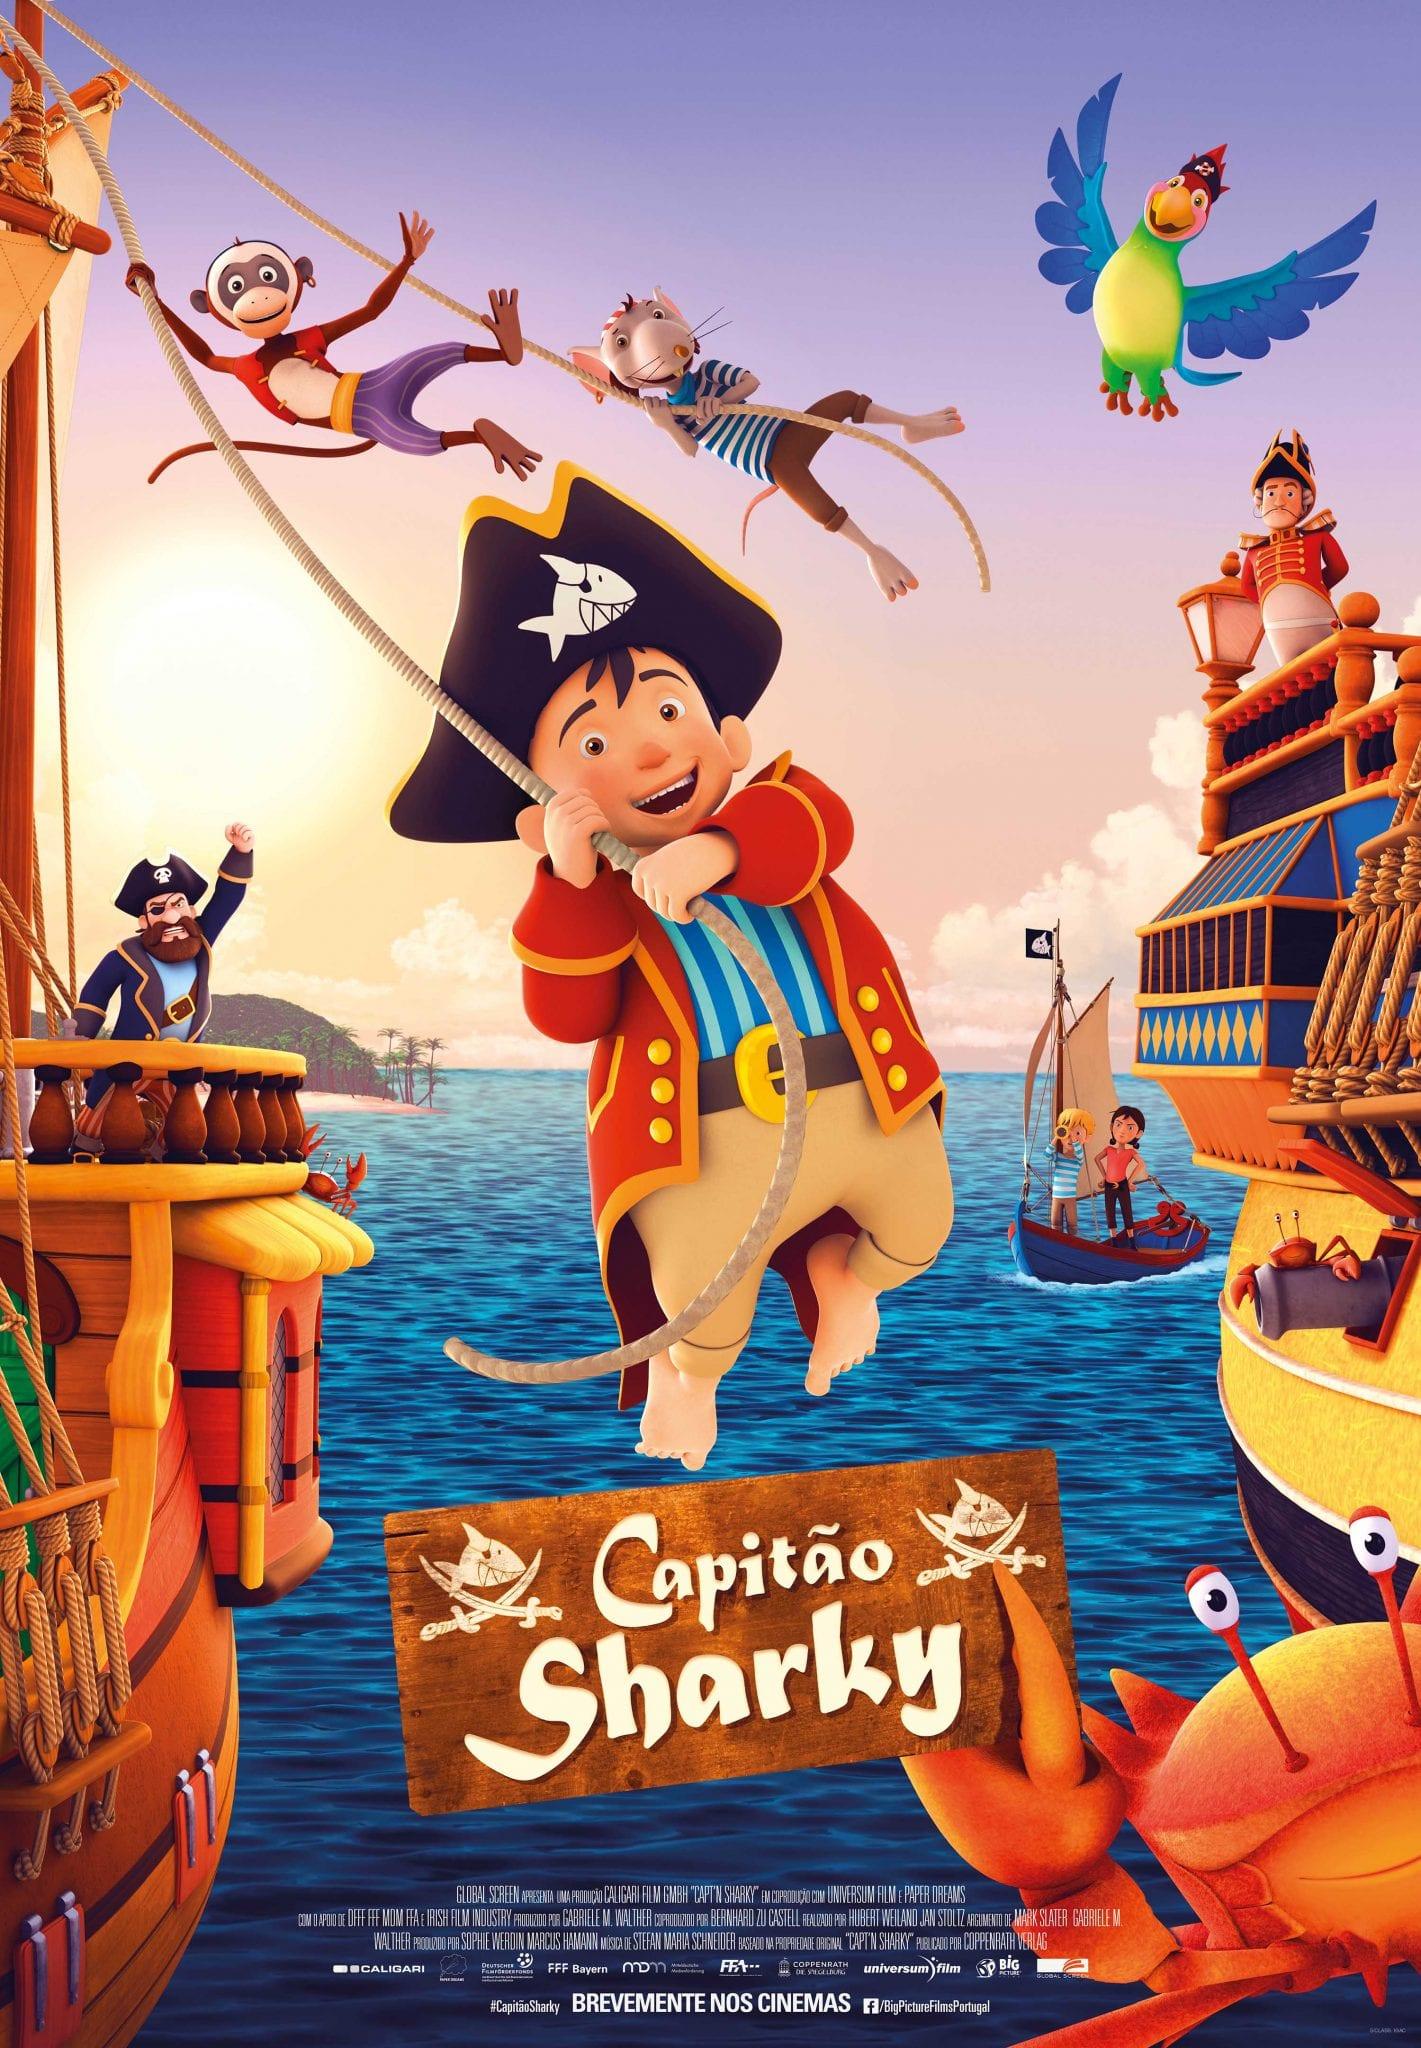 Capitão Sharky